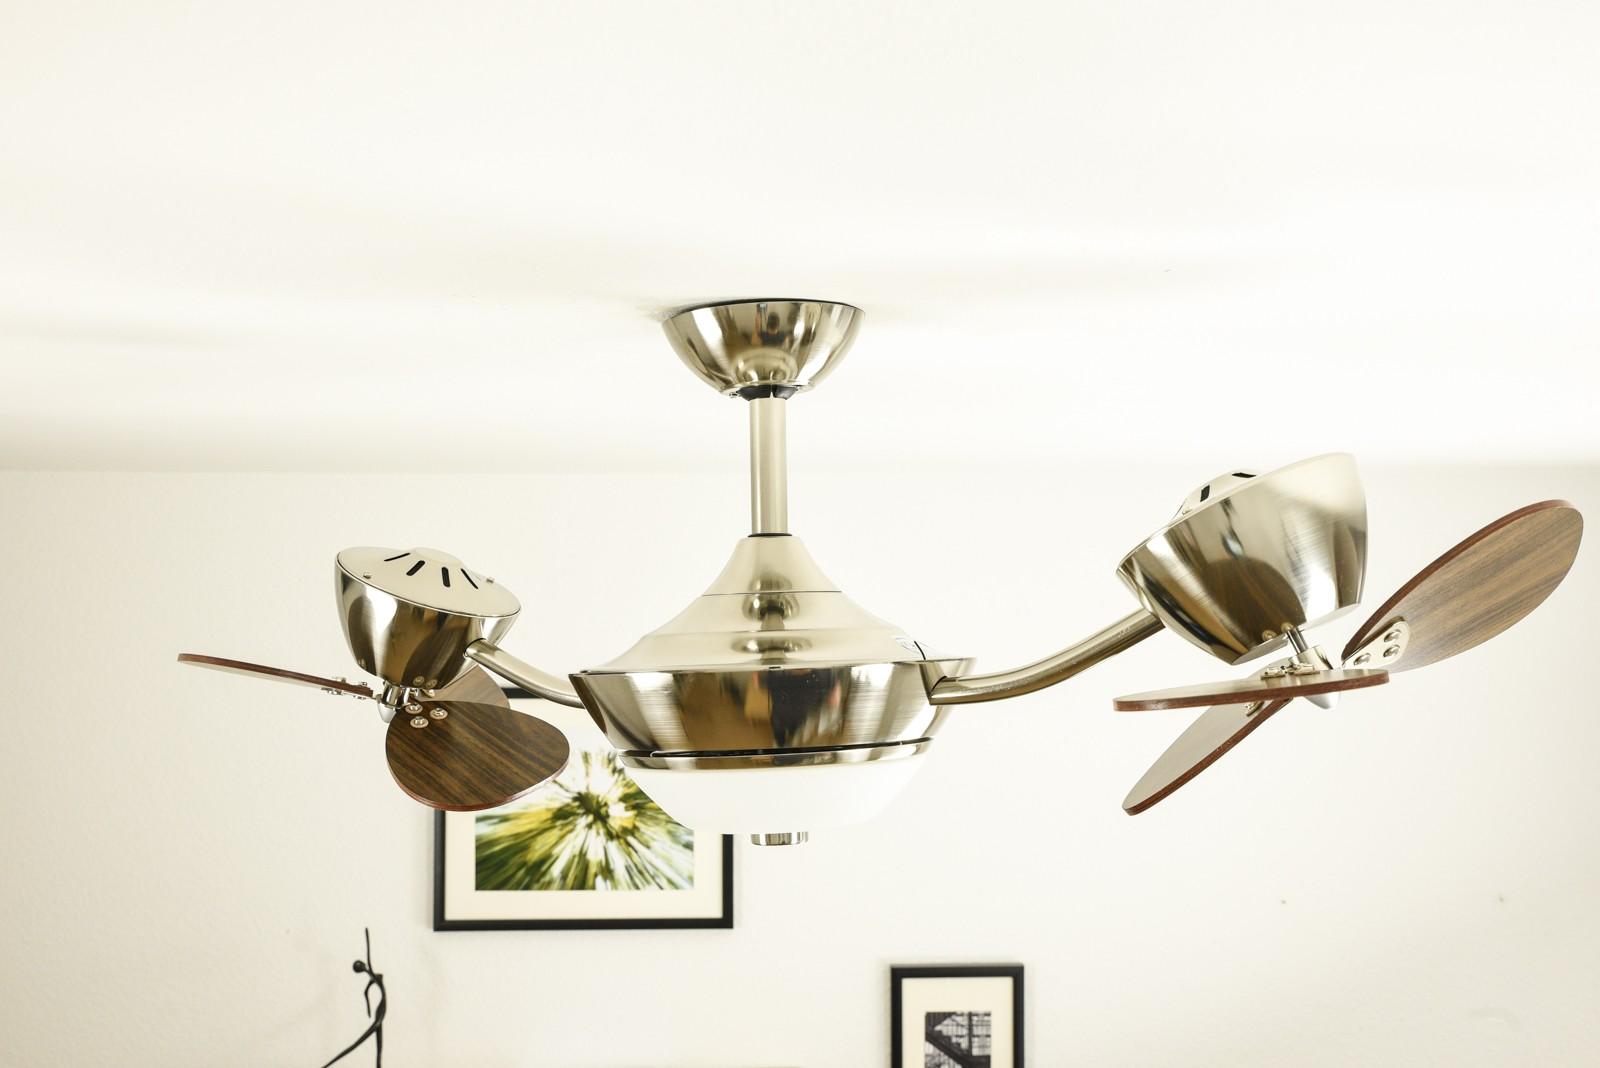 Ventilateur de plafond basse consommation efan de - Ventilateur de plafond avec eclairage ...